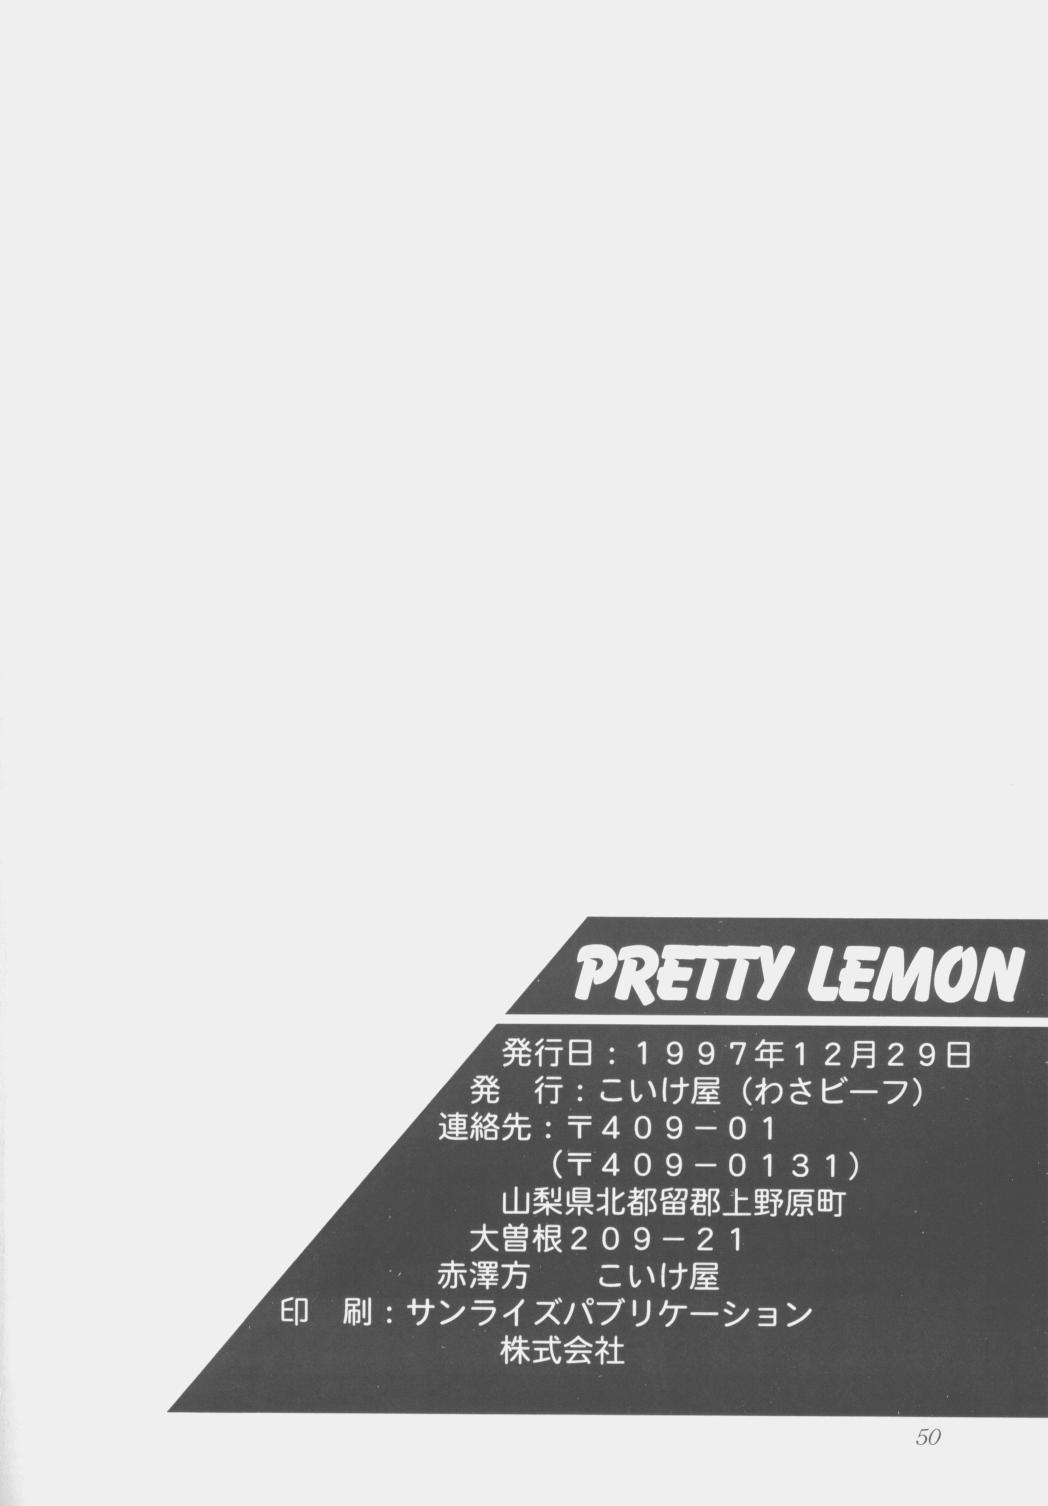 PRETTY LEMON 48